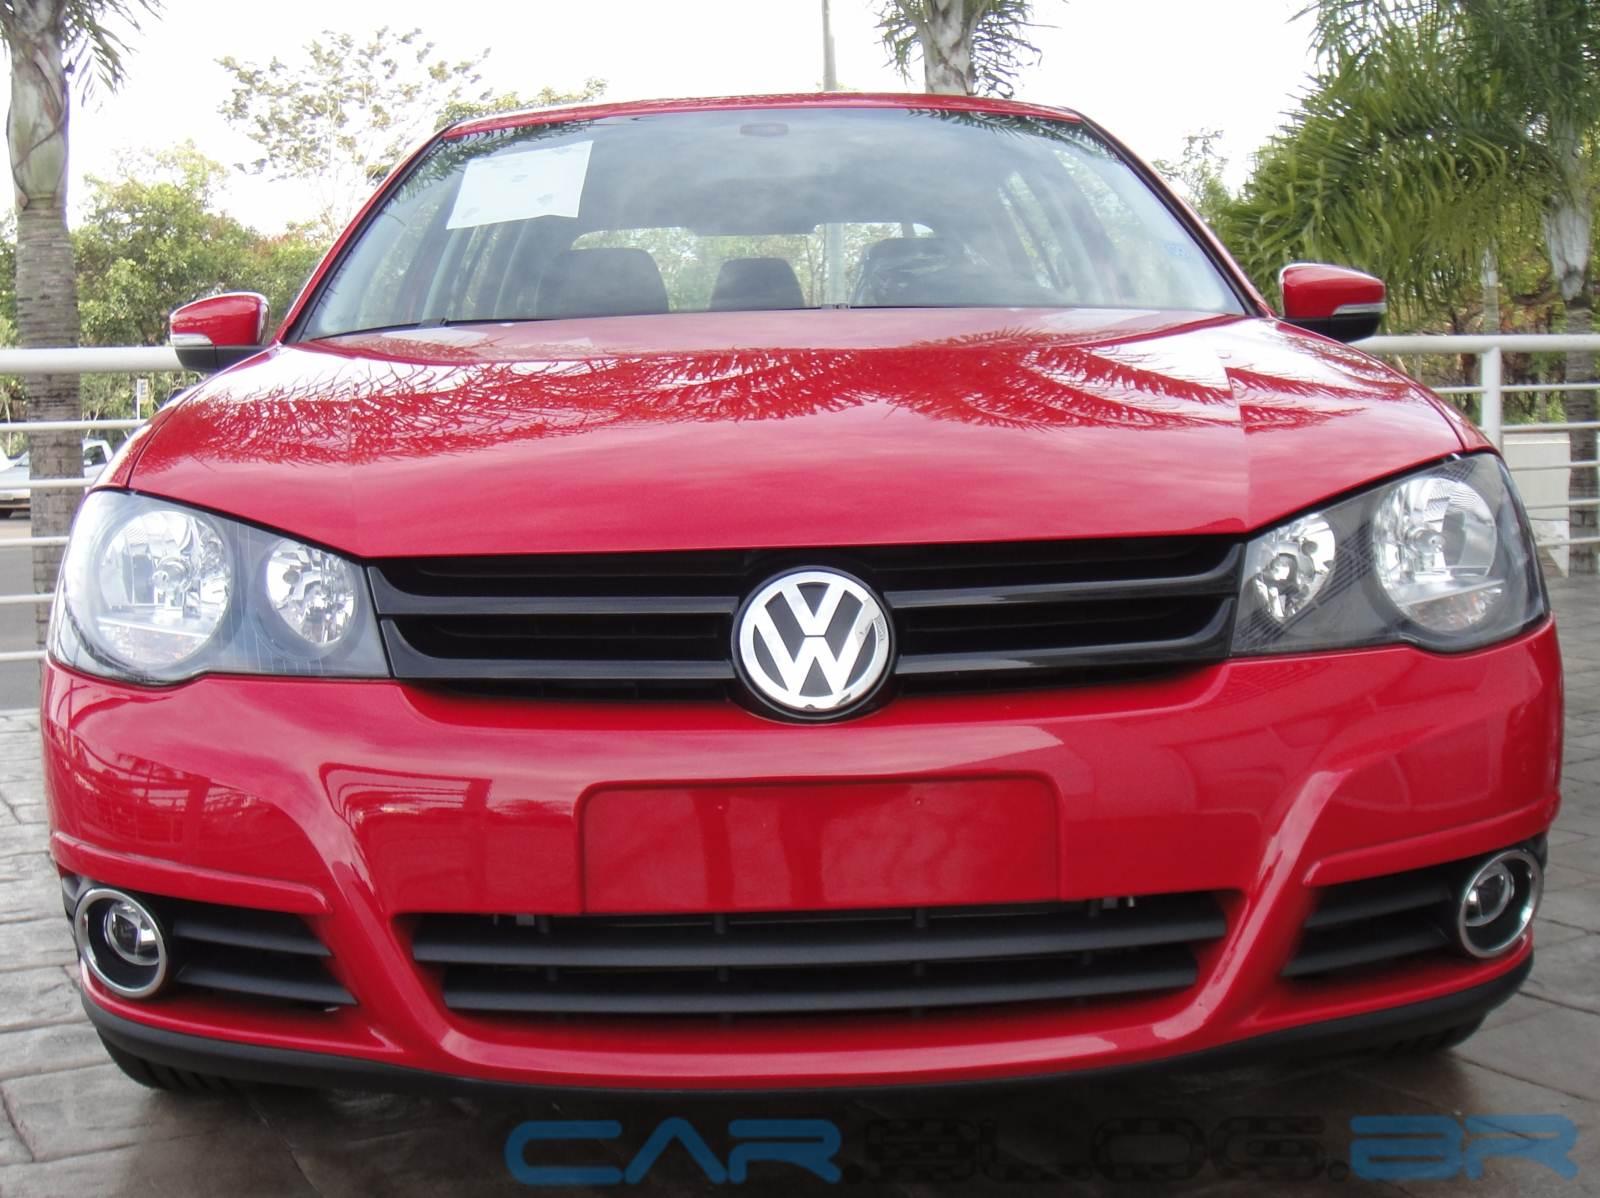 Volkswagen Golf Sportline 2013